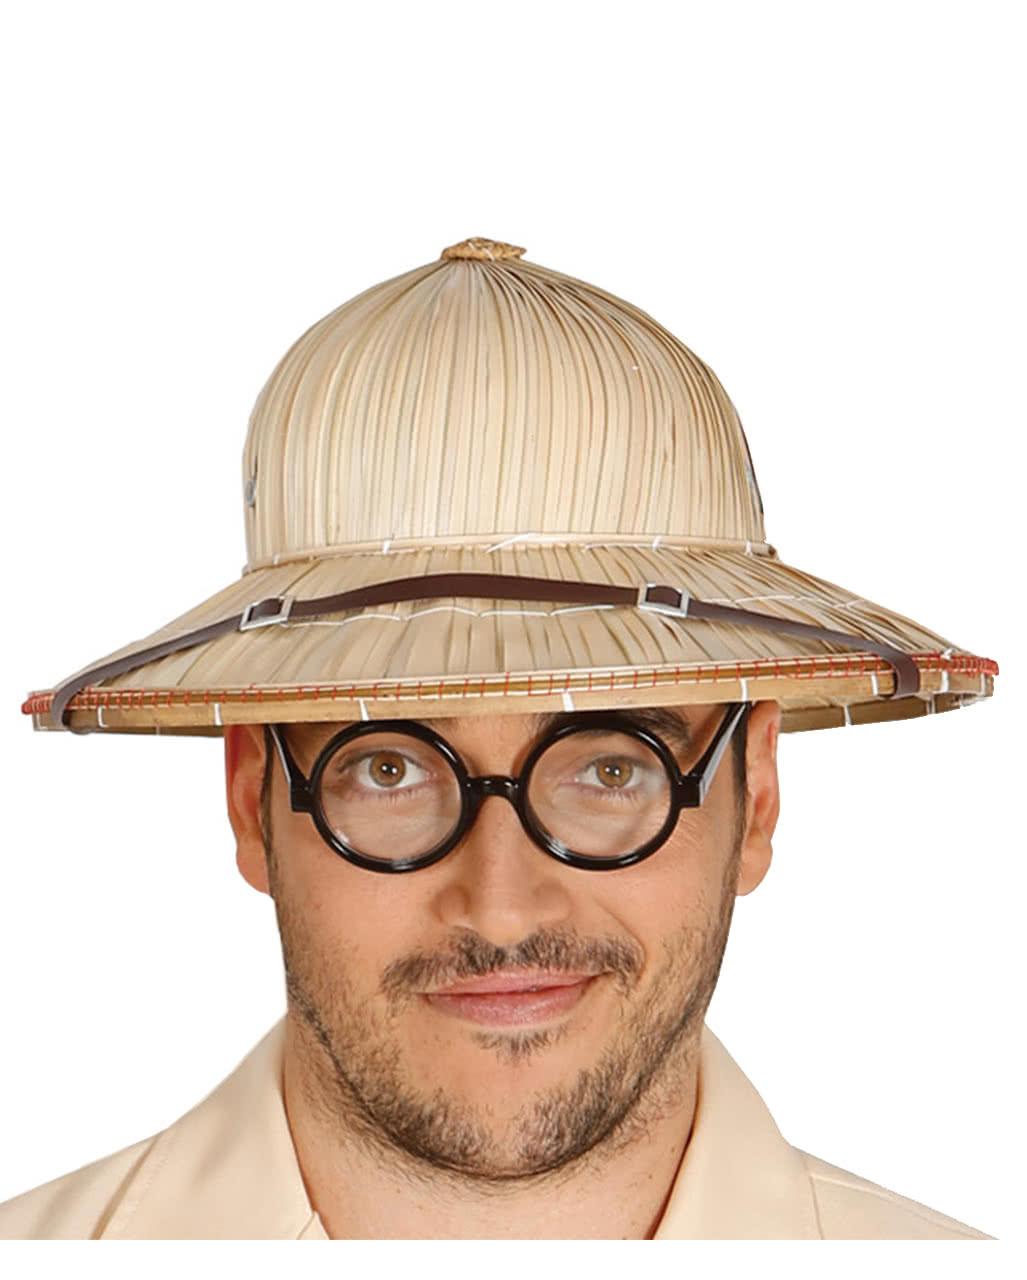 Dschungel Tropen Hut Kostumzubehor Horror Shop Com